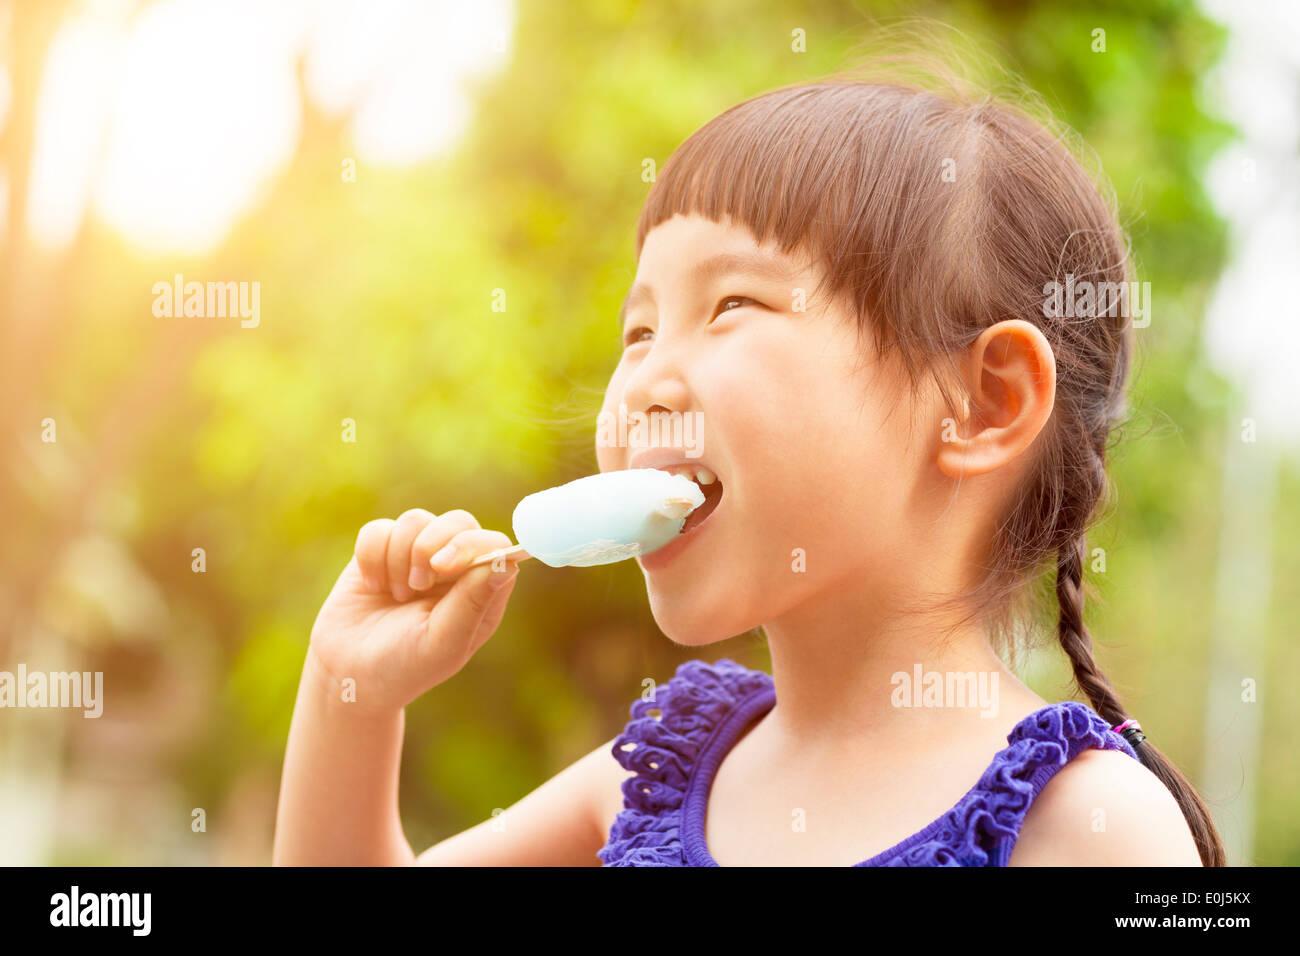 glückliche kleine Mädchen essen Eis am Stiel im Sommer mit Sonnenuntergang Stockbild